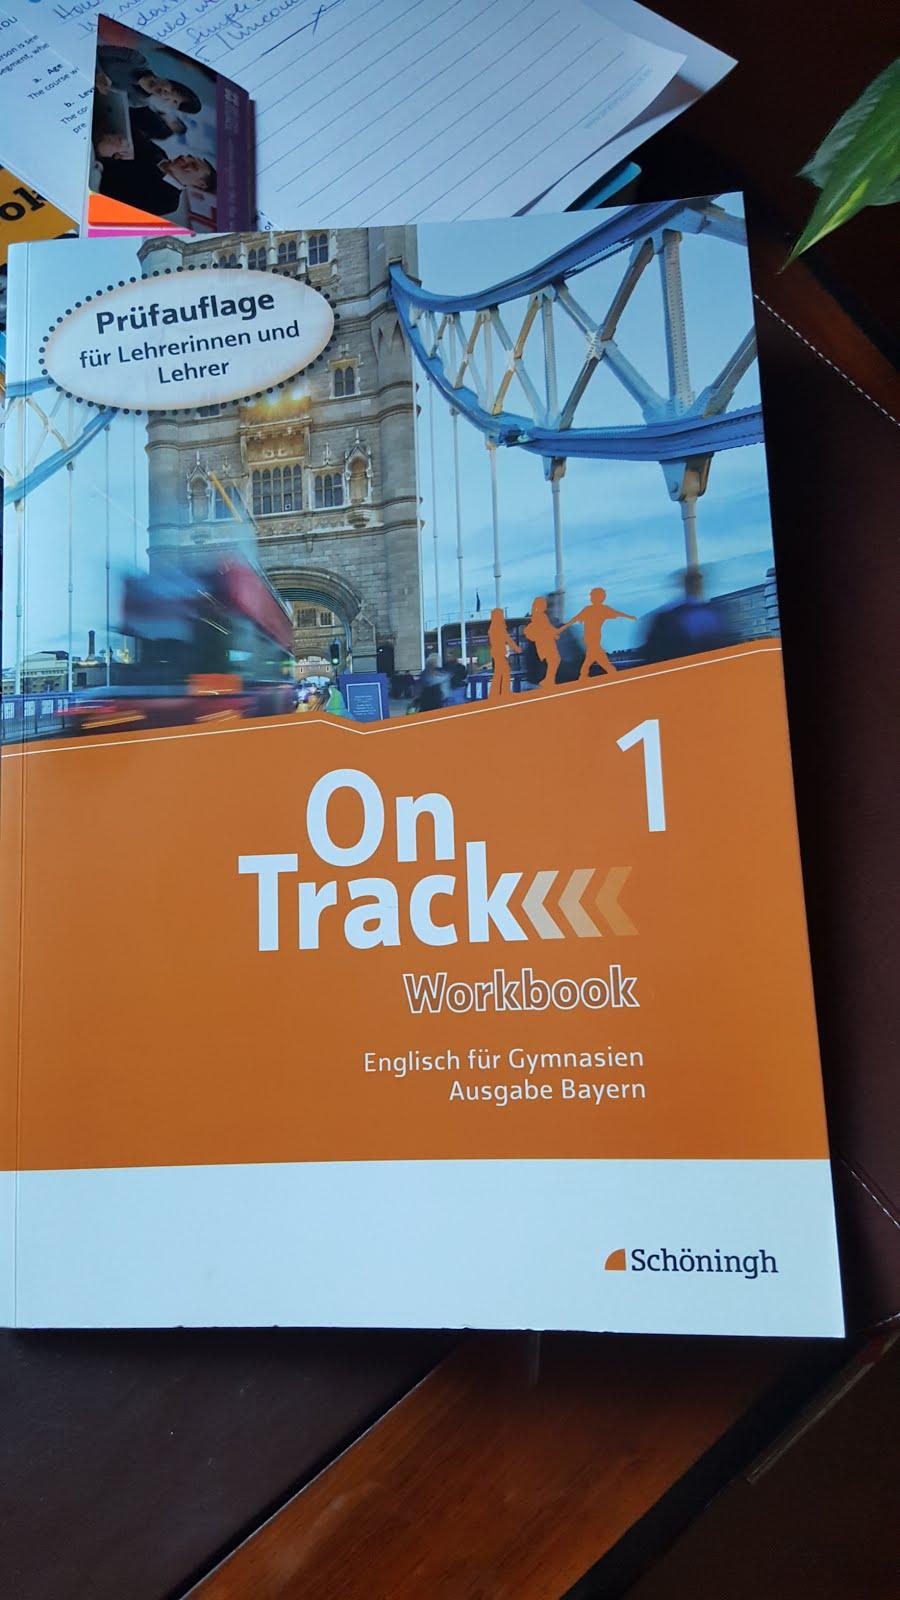 On Track 1 - Workbook